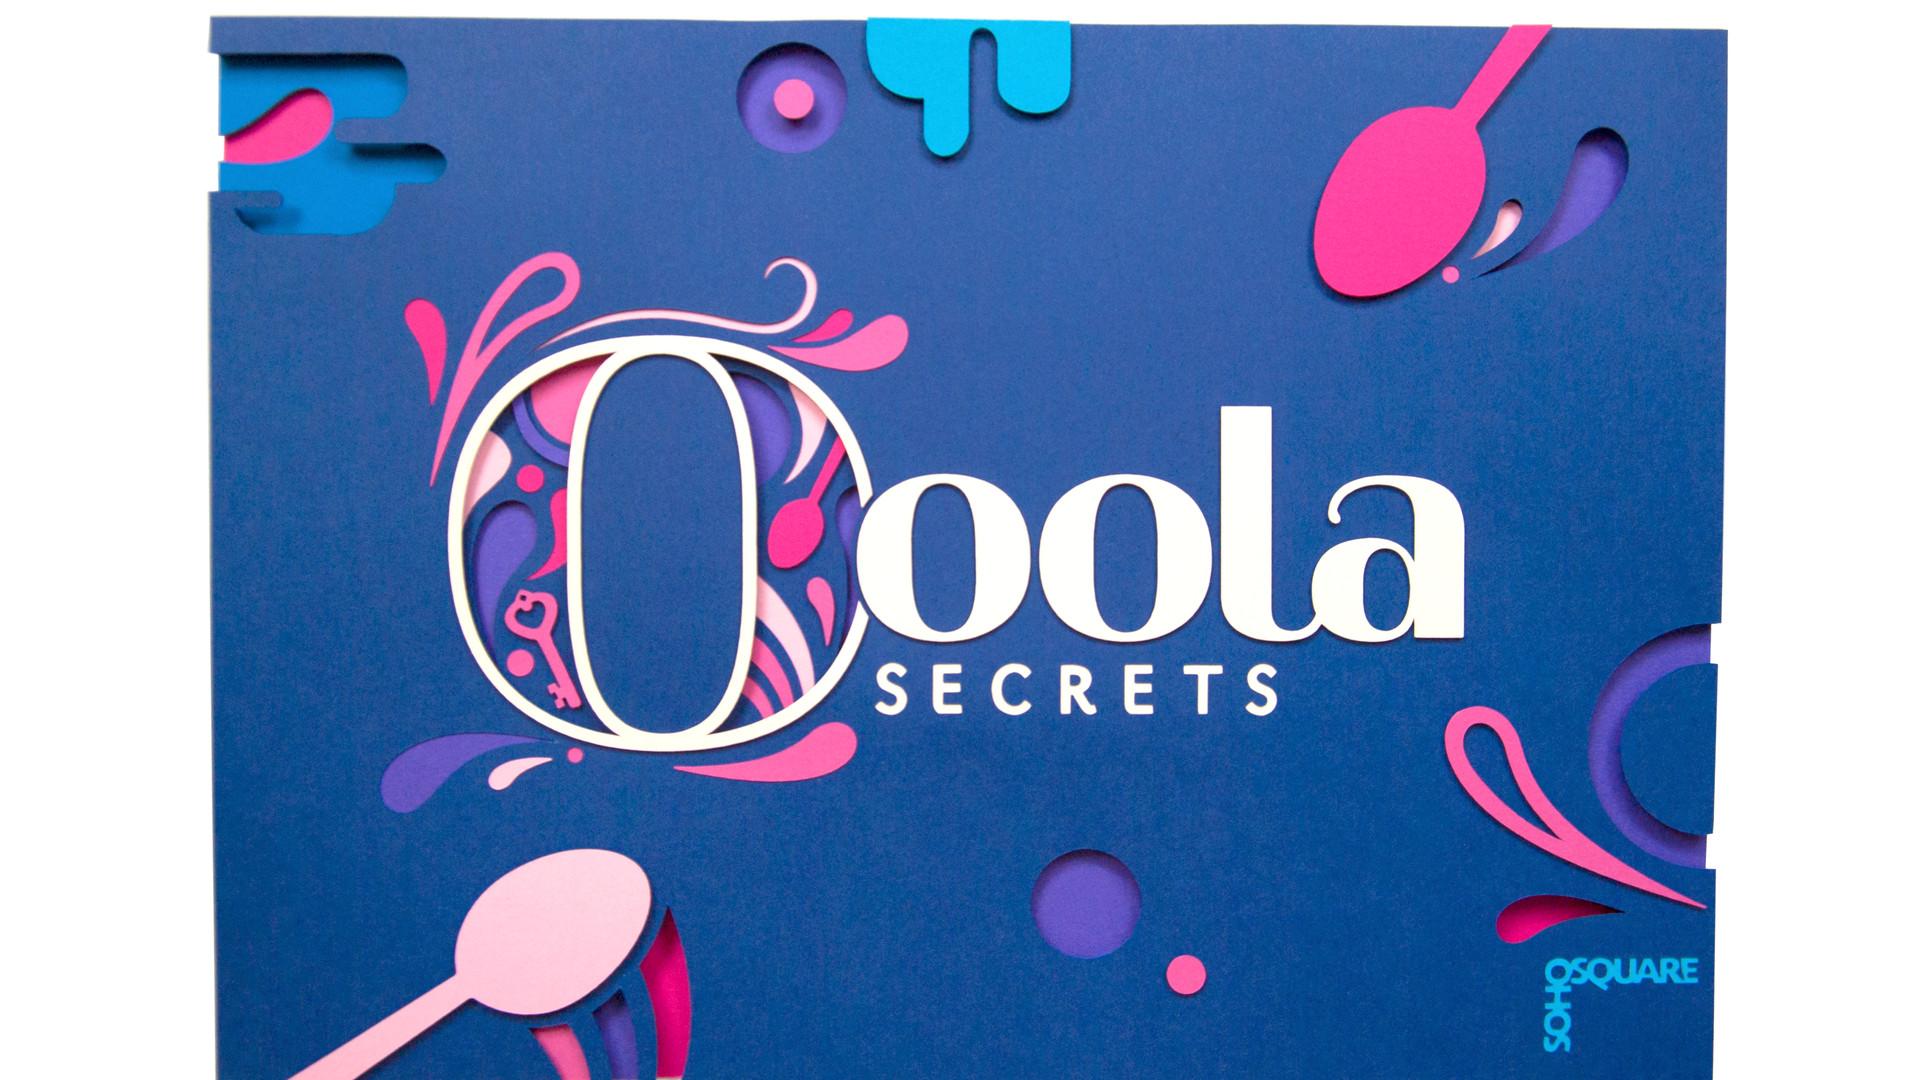 Ooola-IMGP4664.jpg